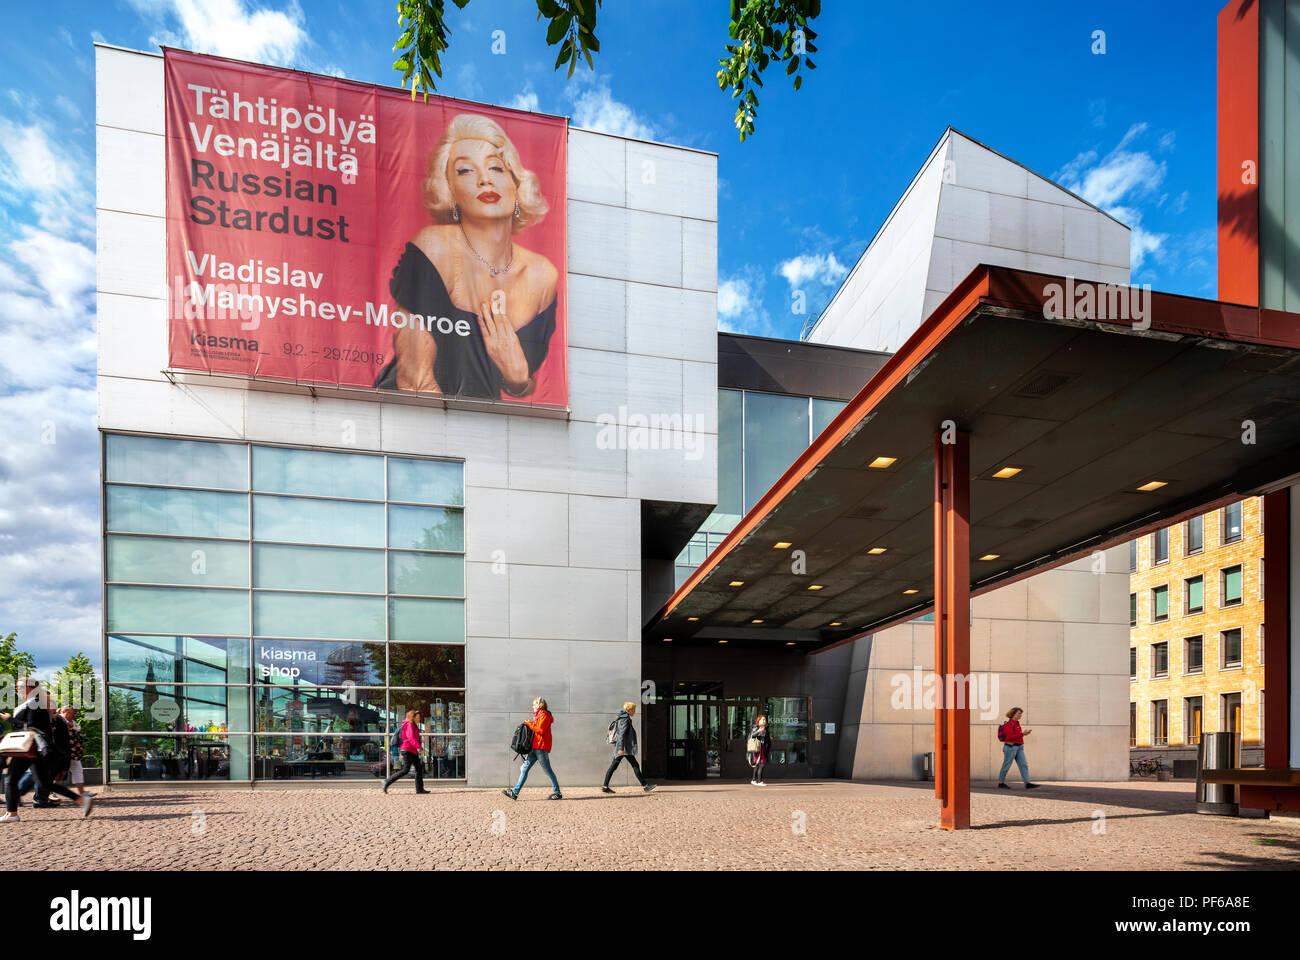 Helsinki Kiasma Museum für zeitgenössische Kunst Äußeres mit Haupteingang und das Kiasma Museum Shop und Museum Cafe auf der linken Seite. Stockbild